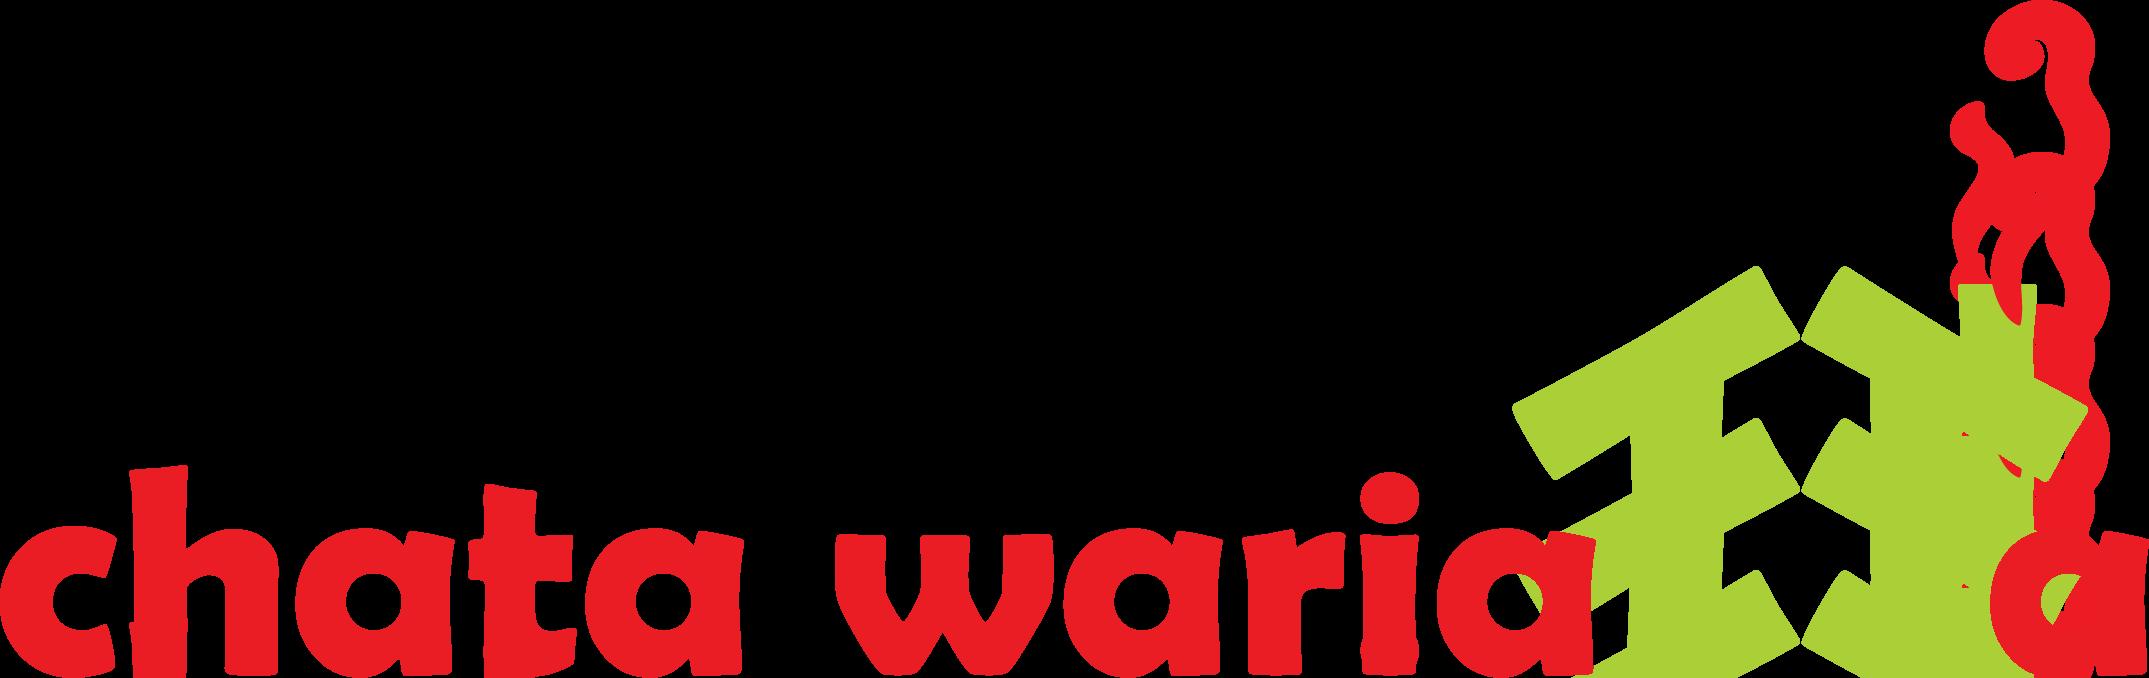 Chata wariatta